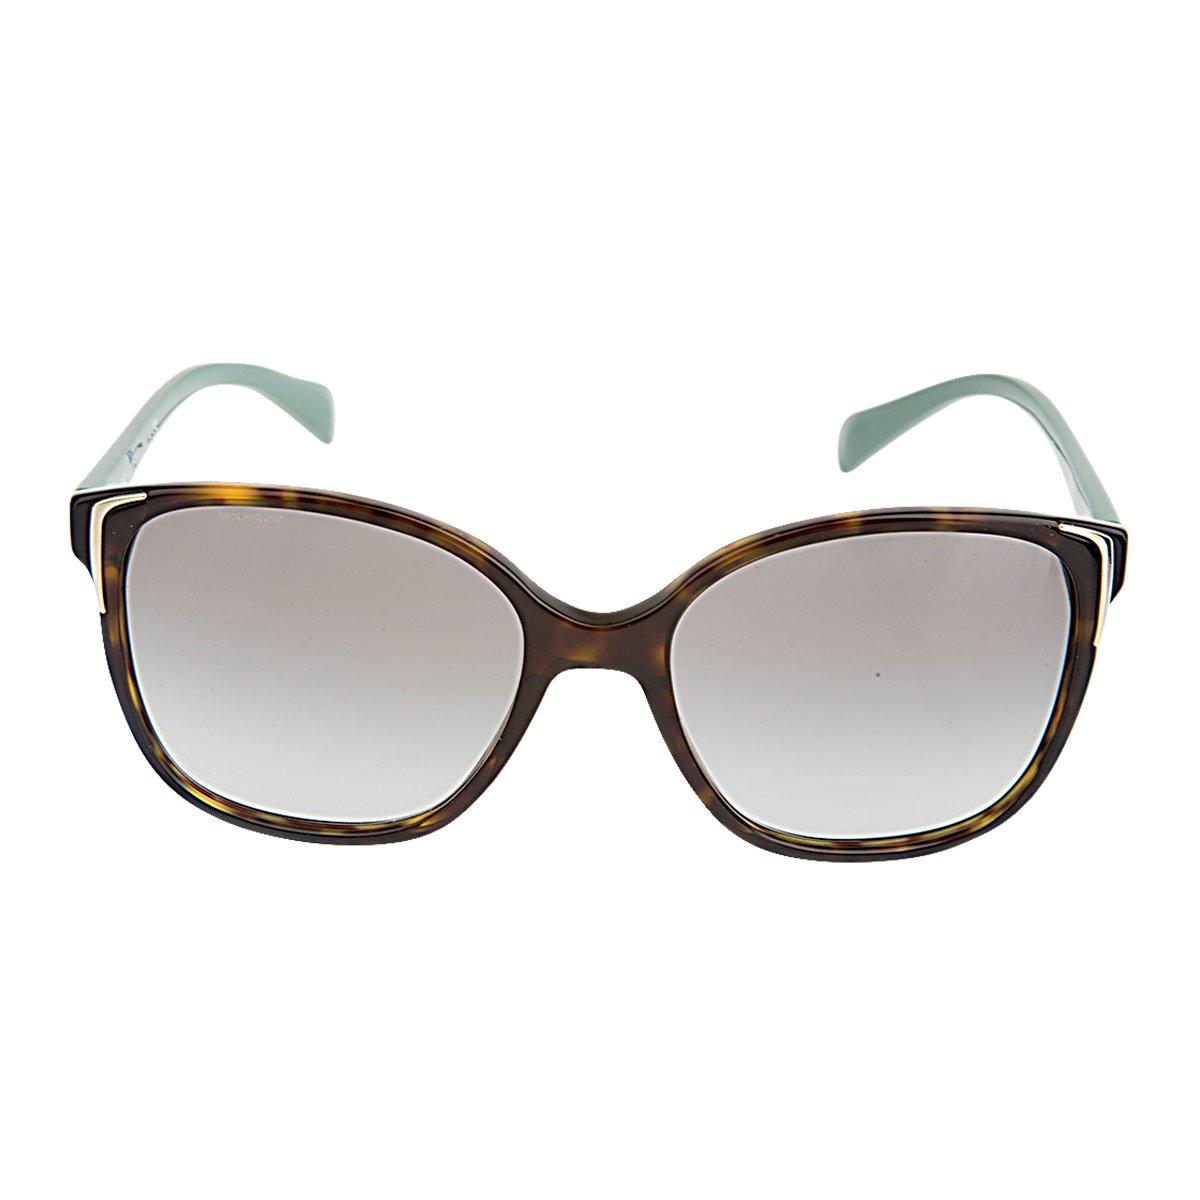 3704239f1ade Authentic New Ladies Prada SPR 01 OS 2AU1E0 HAVANA Green Gradient Sunglasses  - MSRP  255